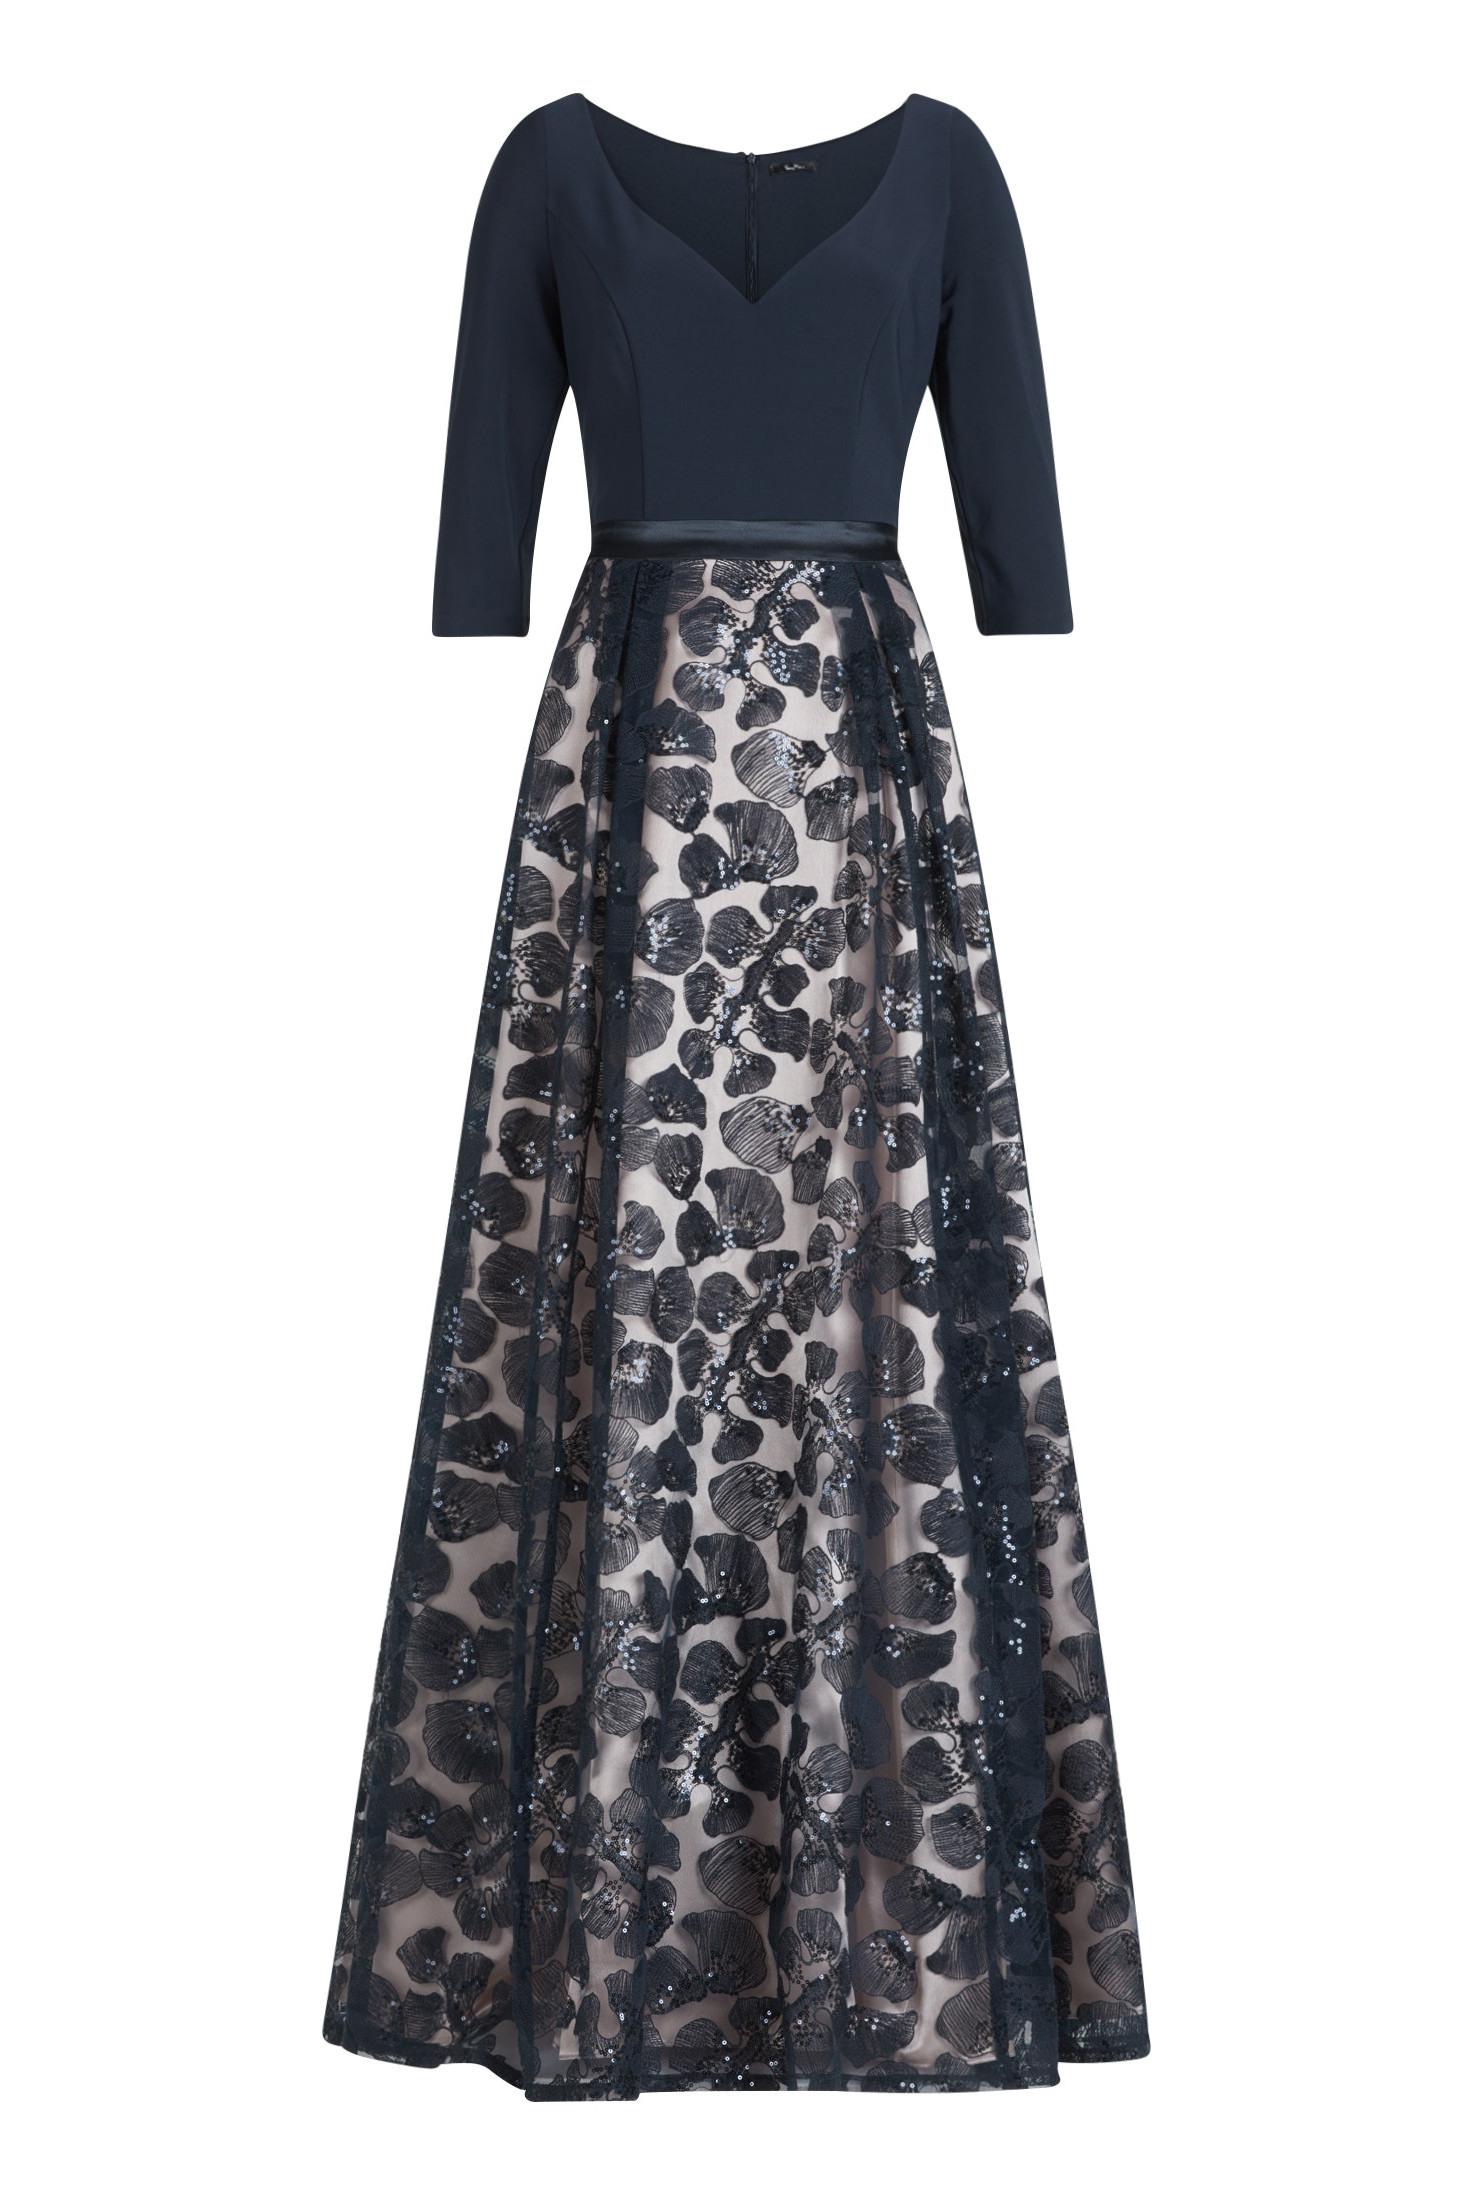 Designer Coolste Abendkleid Mit Ärmeln Vertrieb20 Schön Abendkleid Mit Ärmeln für 2019